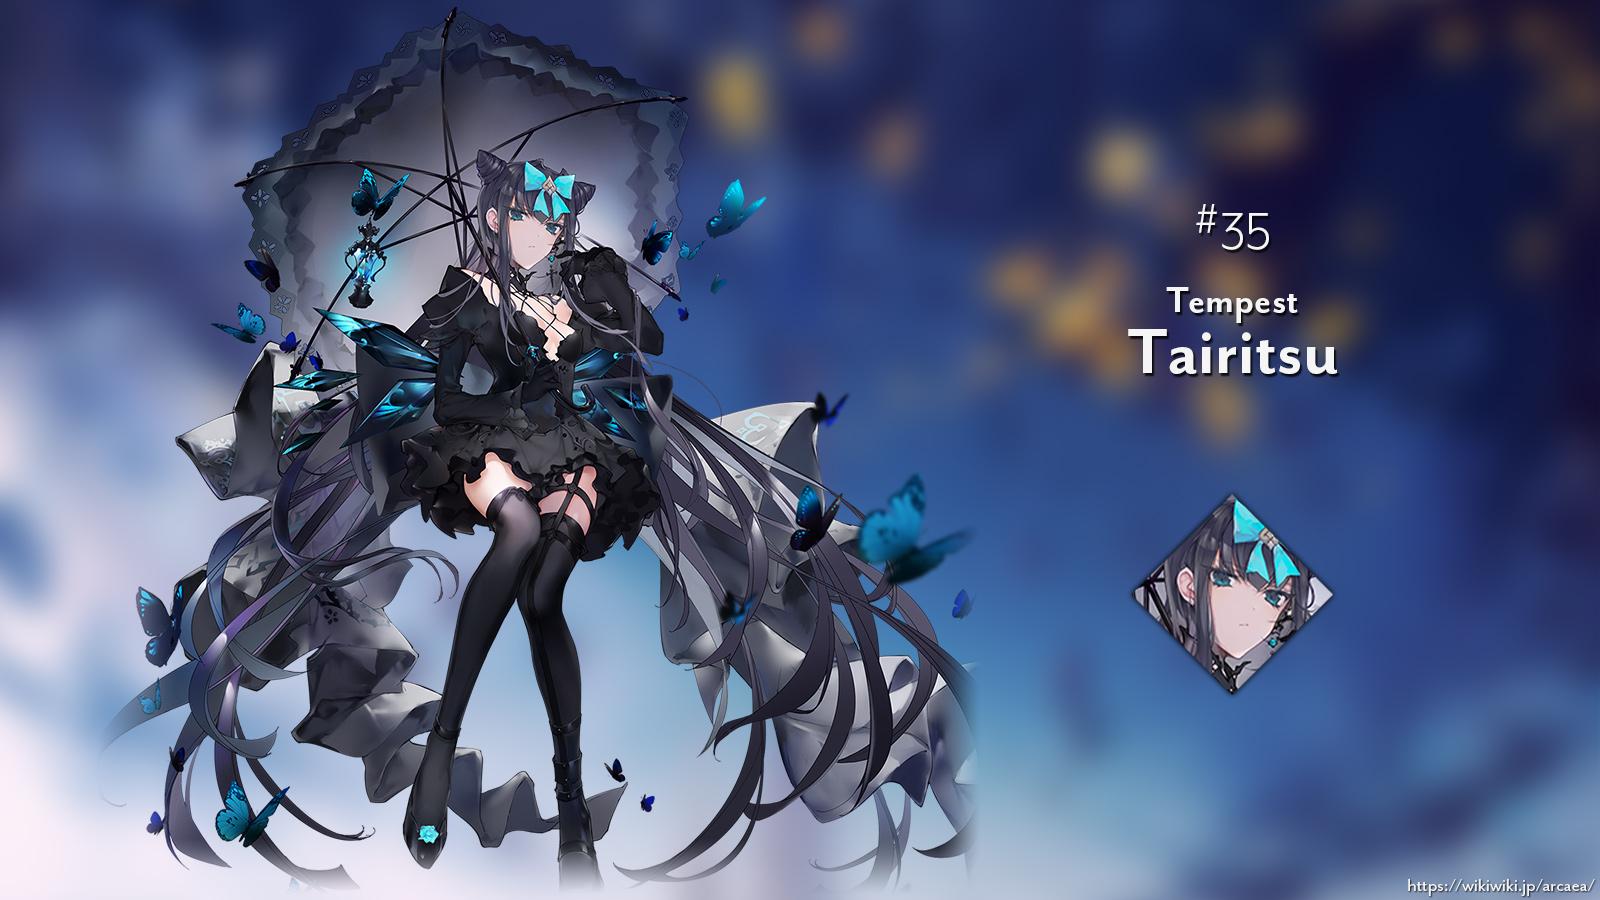 Tempest Tairitsu